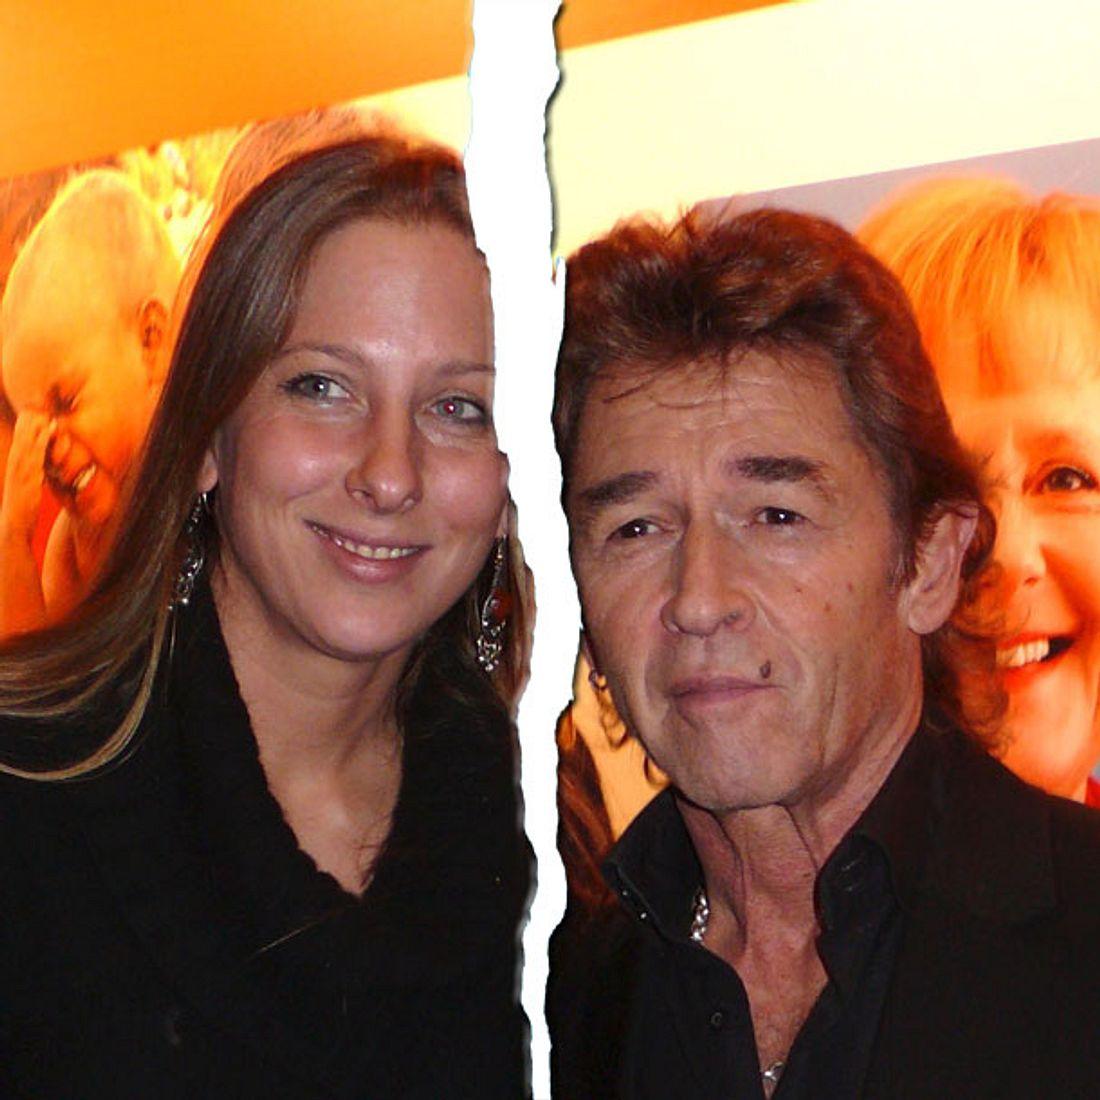 Peter Maffay trennt sich von Tania Spengler